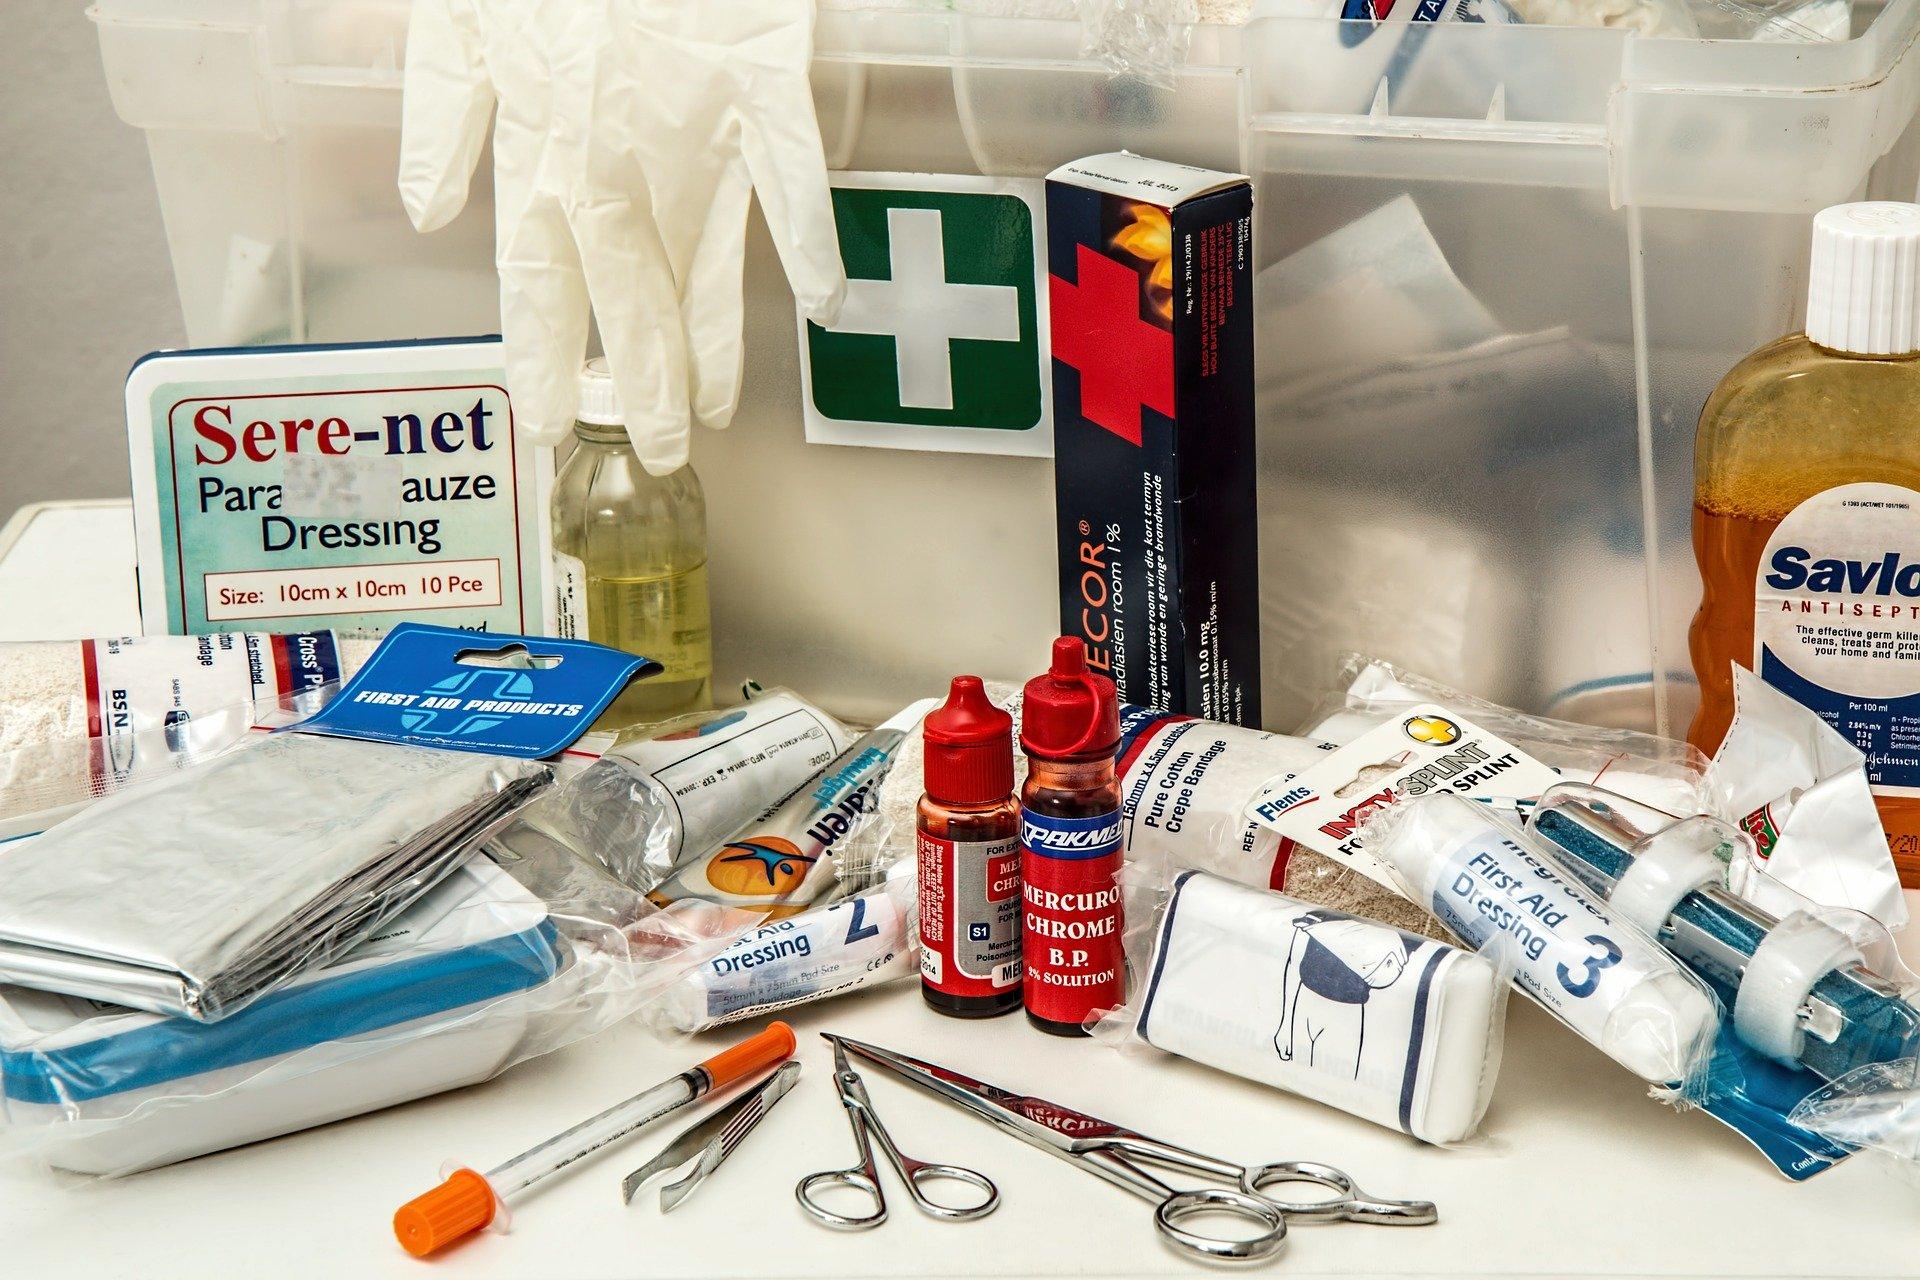 medicinali da portare in valigia pimo soccorso - Medicinali da portare in viaggio: la lista completa